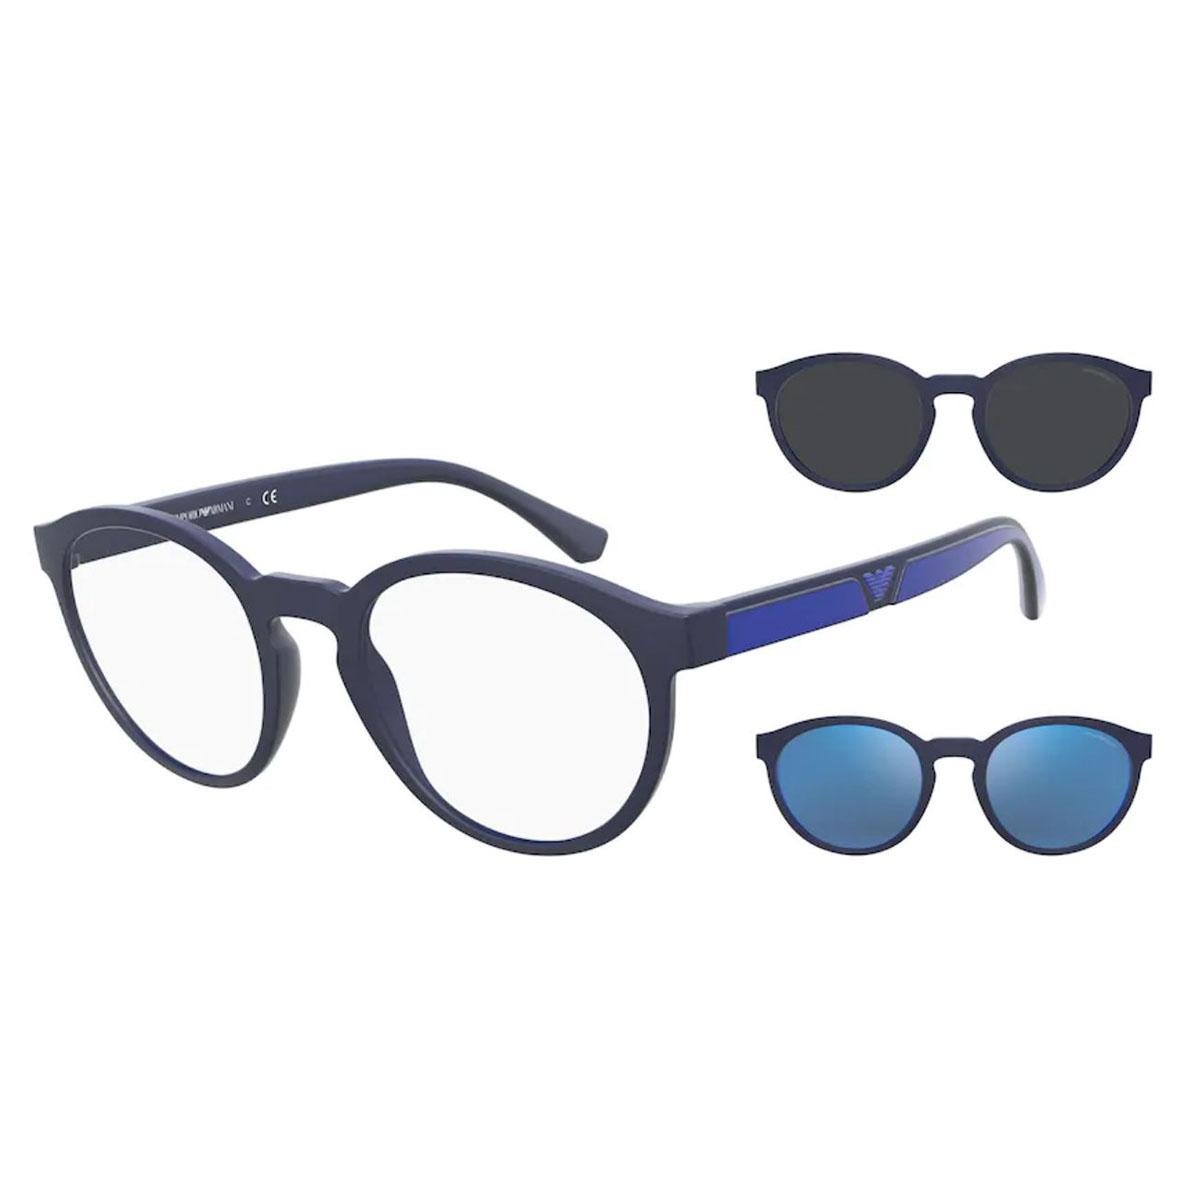 Óculos de Grau Masculino Clip On EA4152 Azul Fosco Redondo